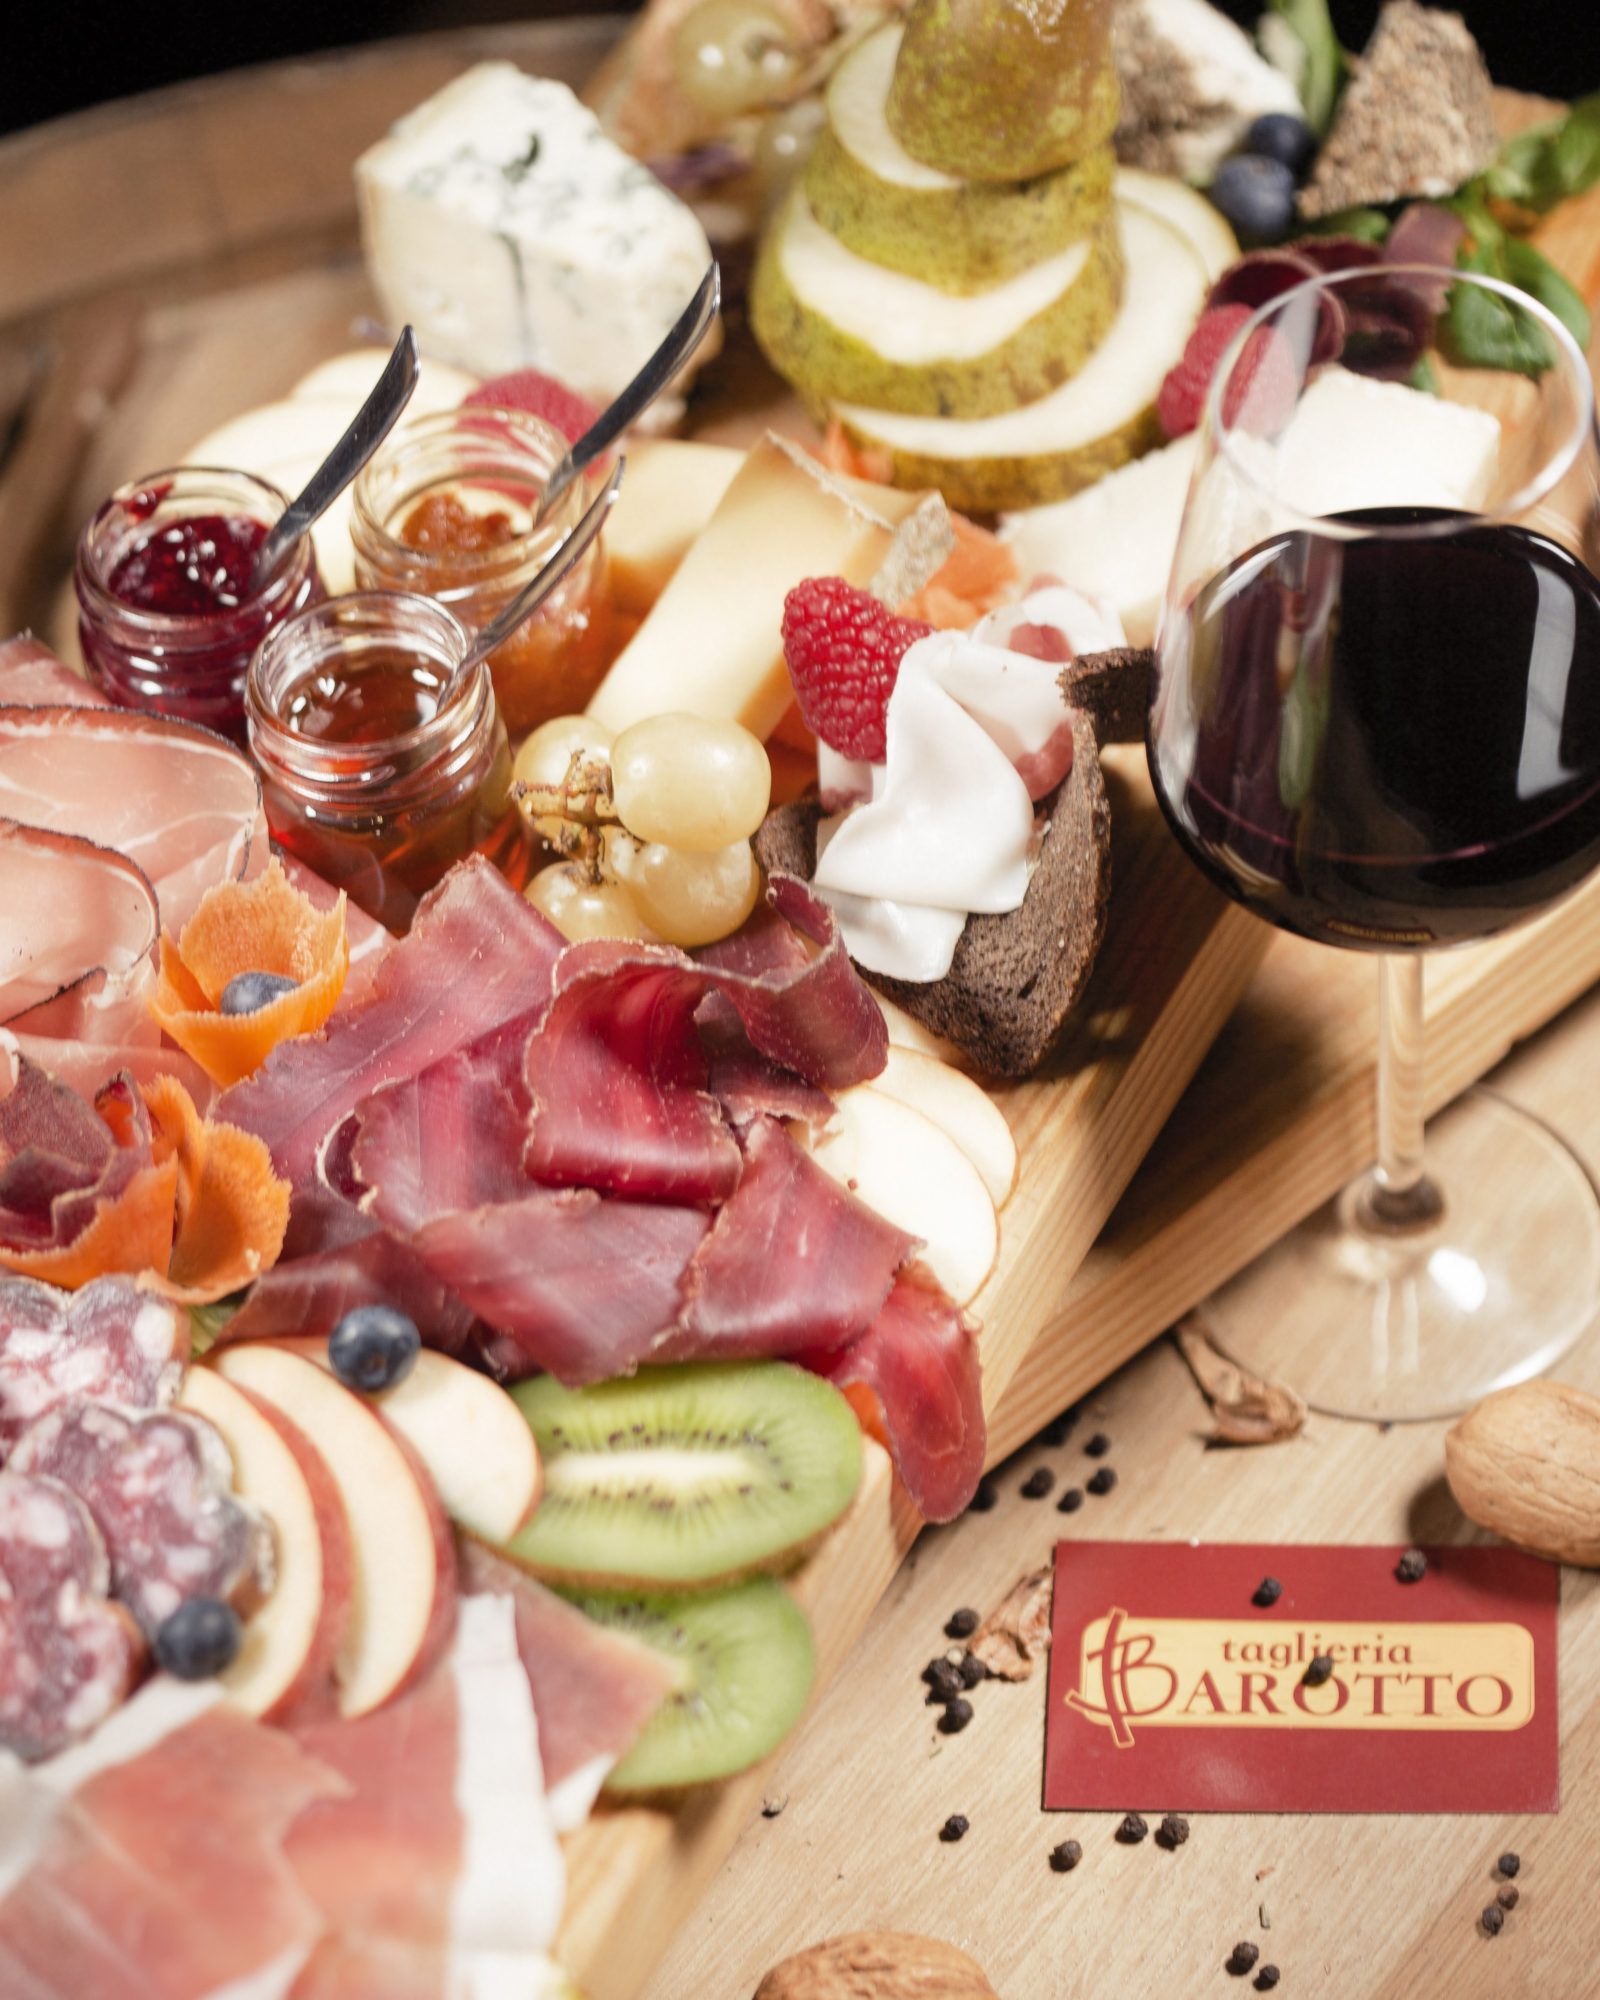 tagliere di salumi, formaggi con frutta e miele ed un bicchiere di vino rosso